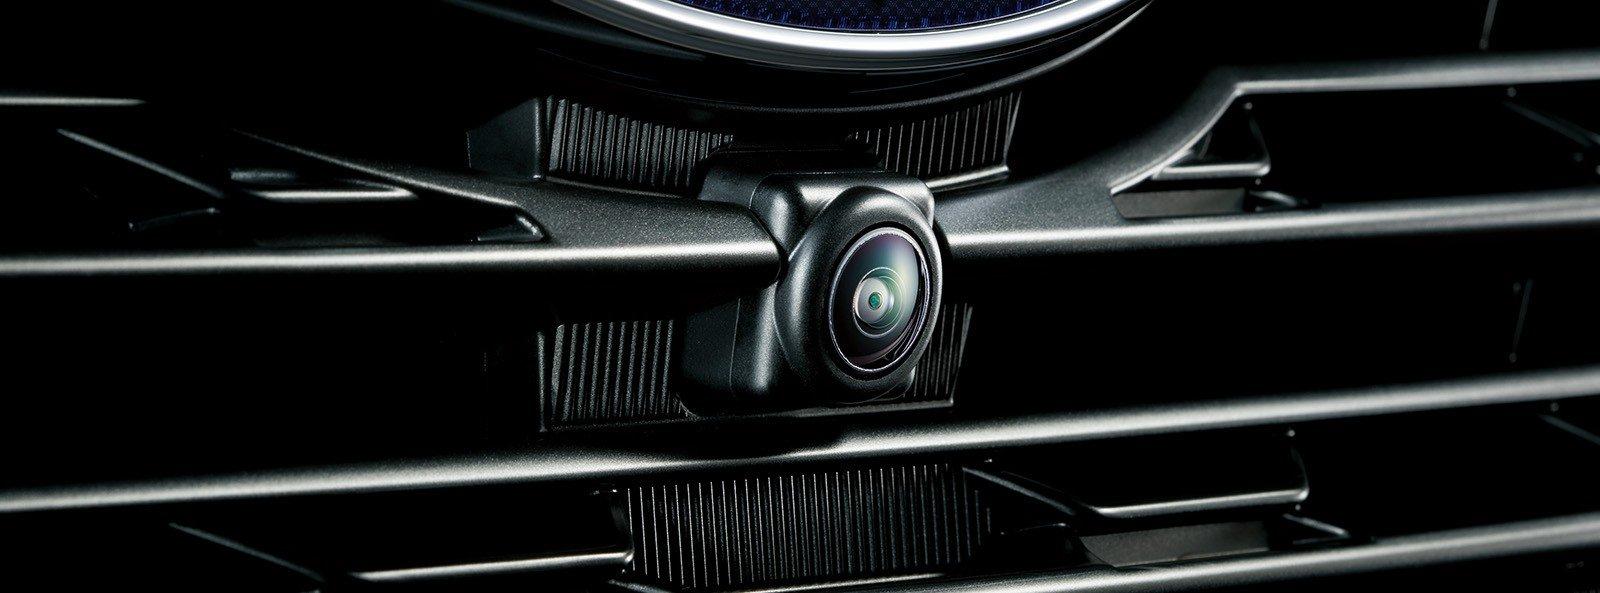 Subaru-Impreza-facelift-1